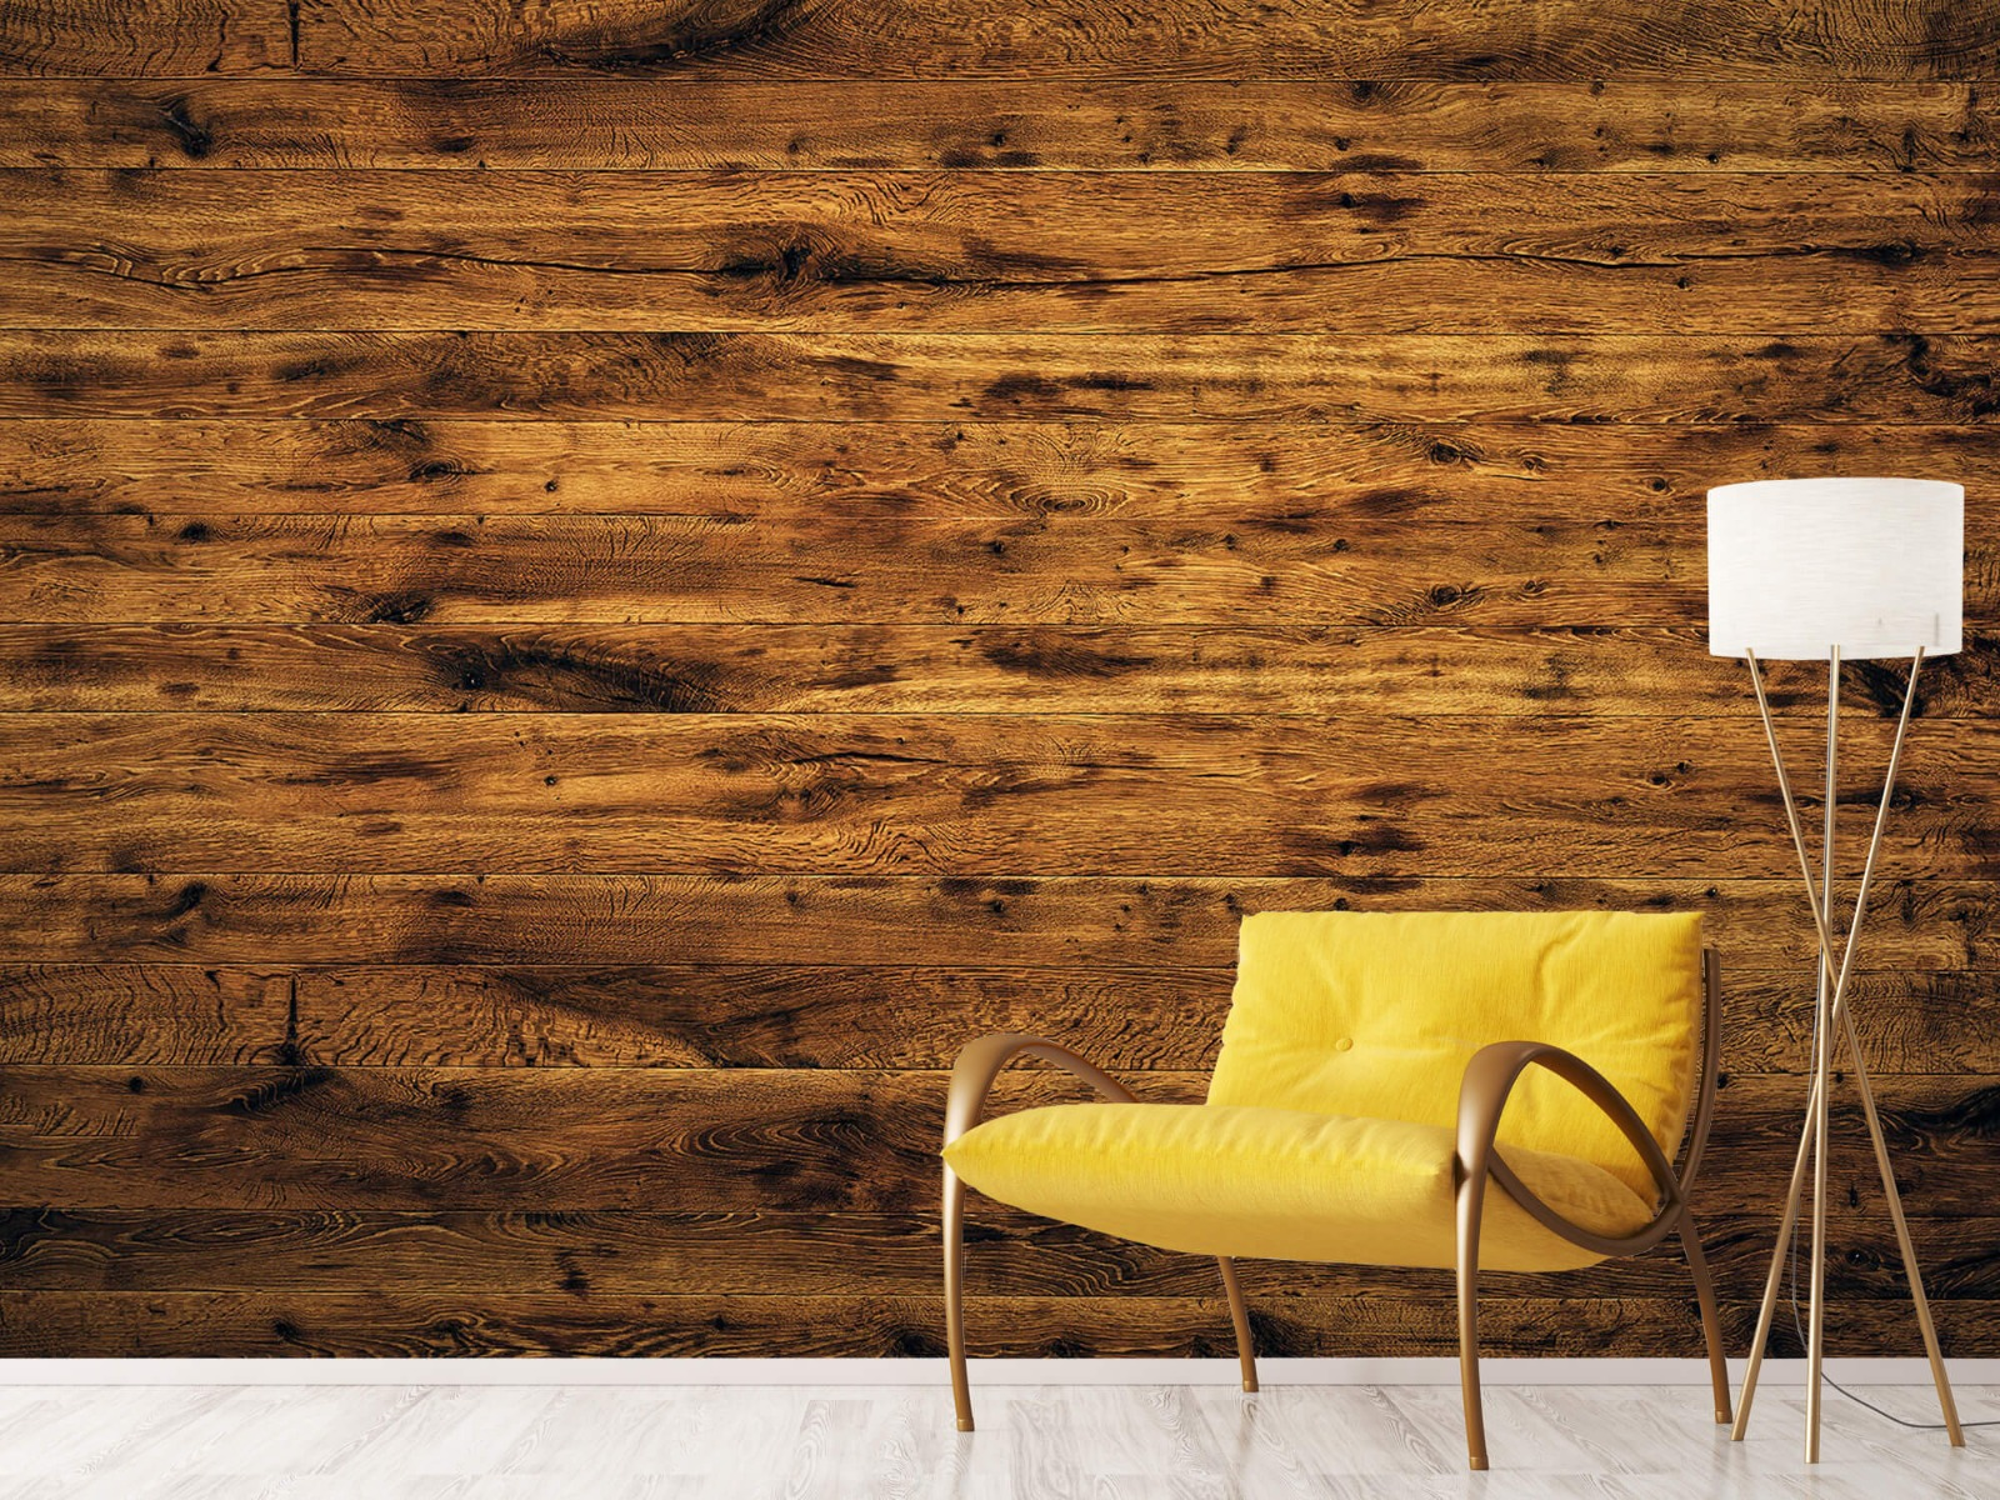 Hout behang - Gebruikt oud hout - Woonkamer 11